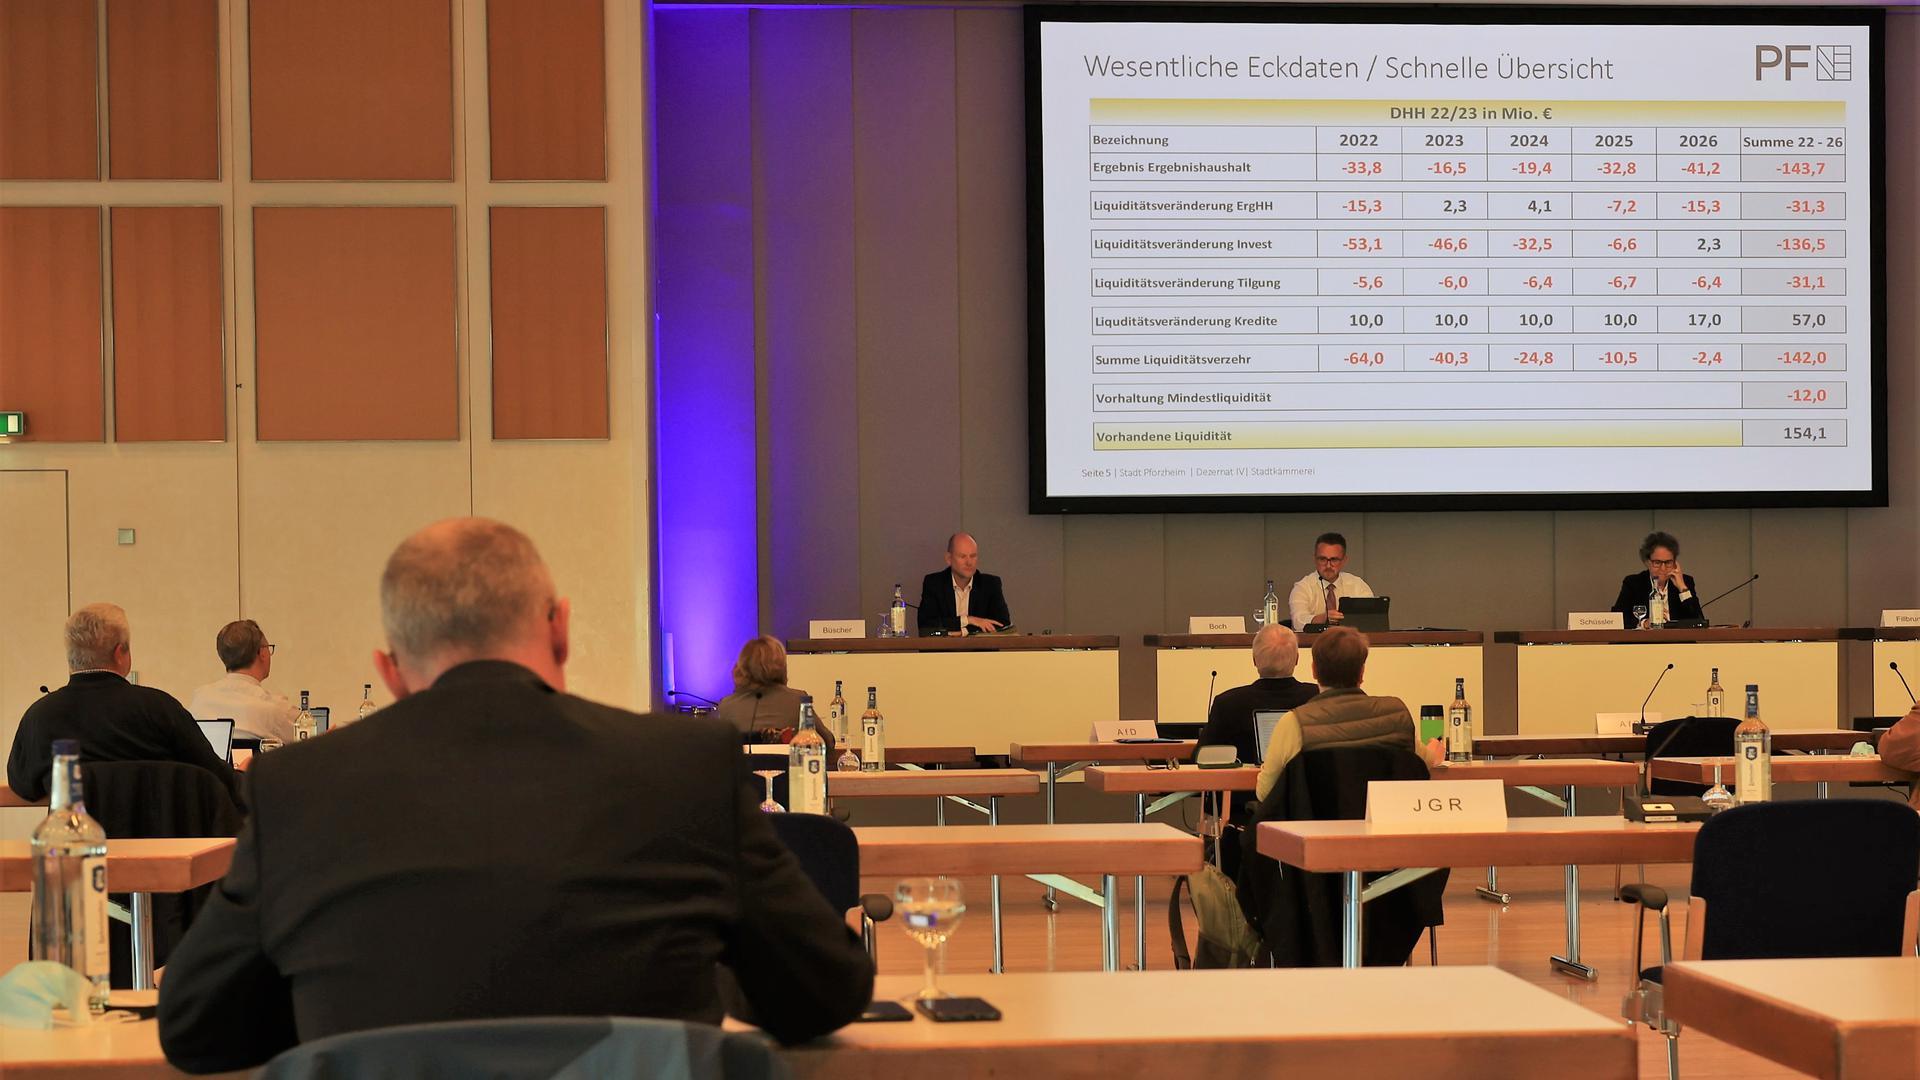 Rote Zahlen: Die mittelfristige Finanzplanung der Pforzheimer Stadtverwaltung ist vom Mangel geprägt. Das zeigte die Präsentation der Kämmerei im Hauptausschuss.